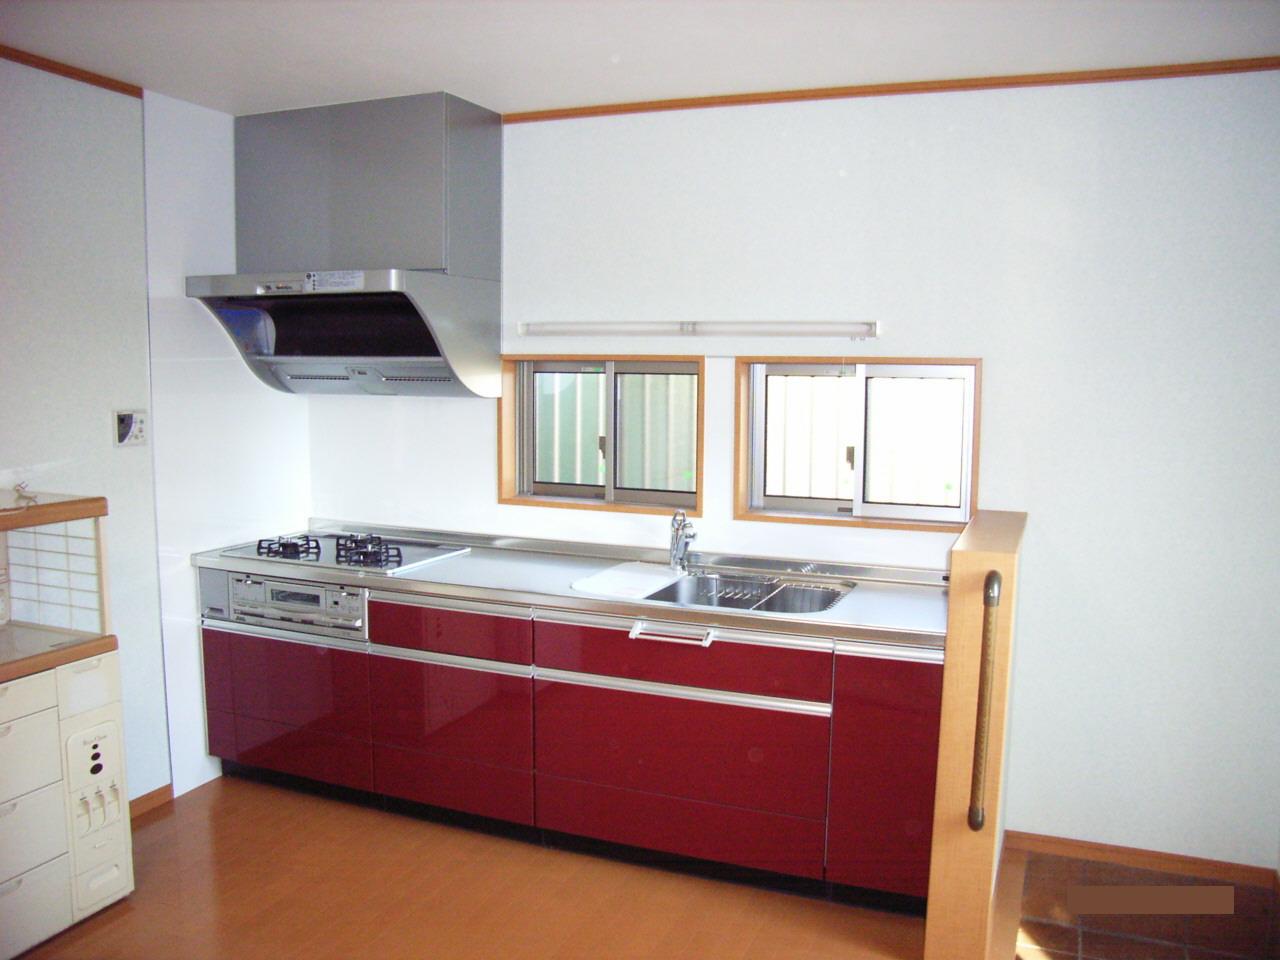 ... 相談/: Y様邸キッチン改装工事